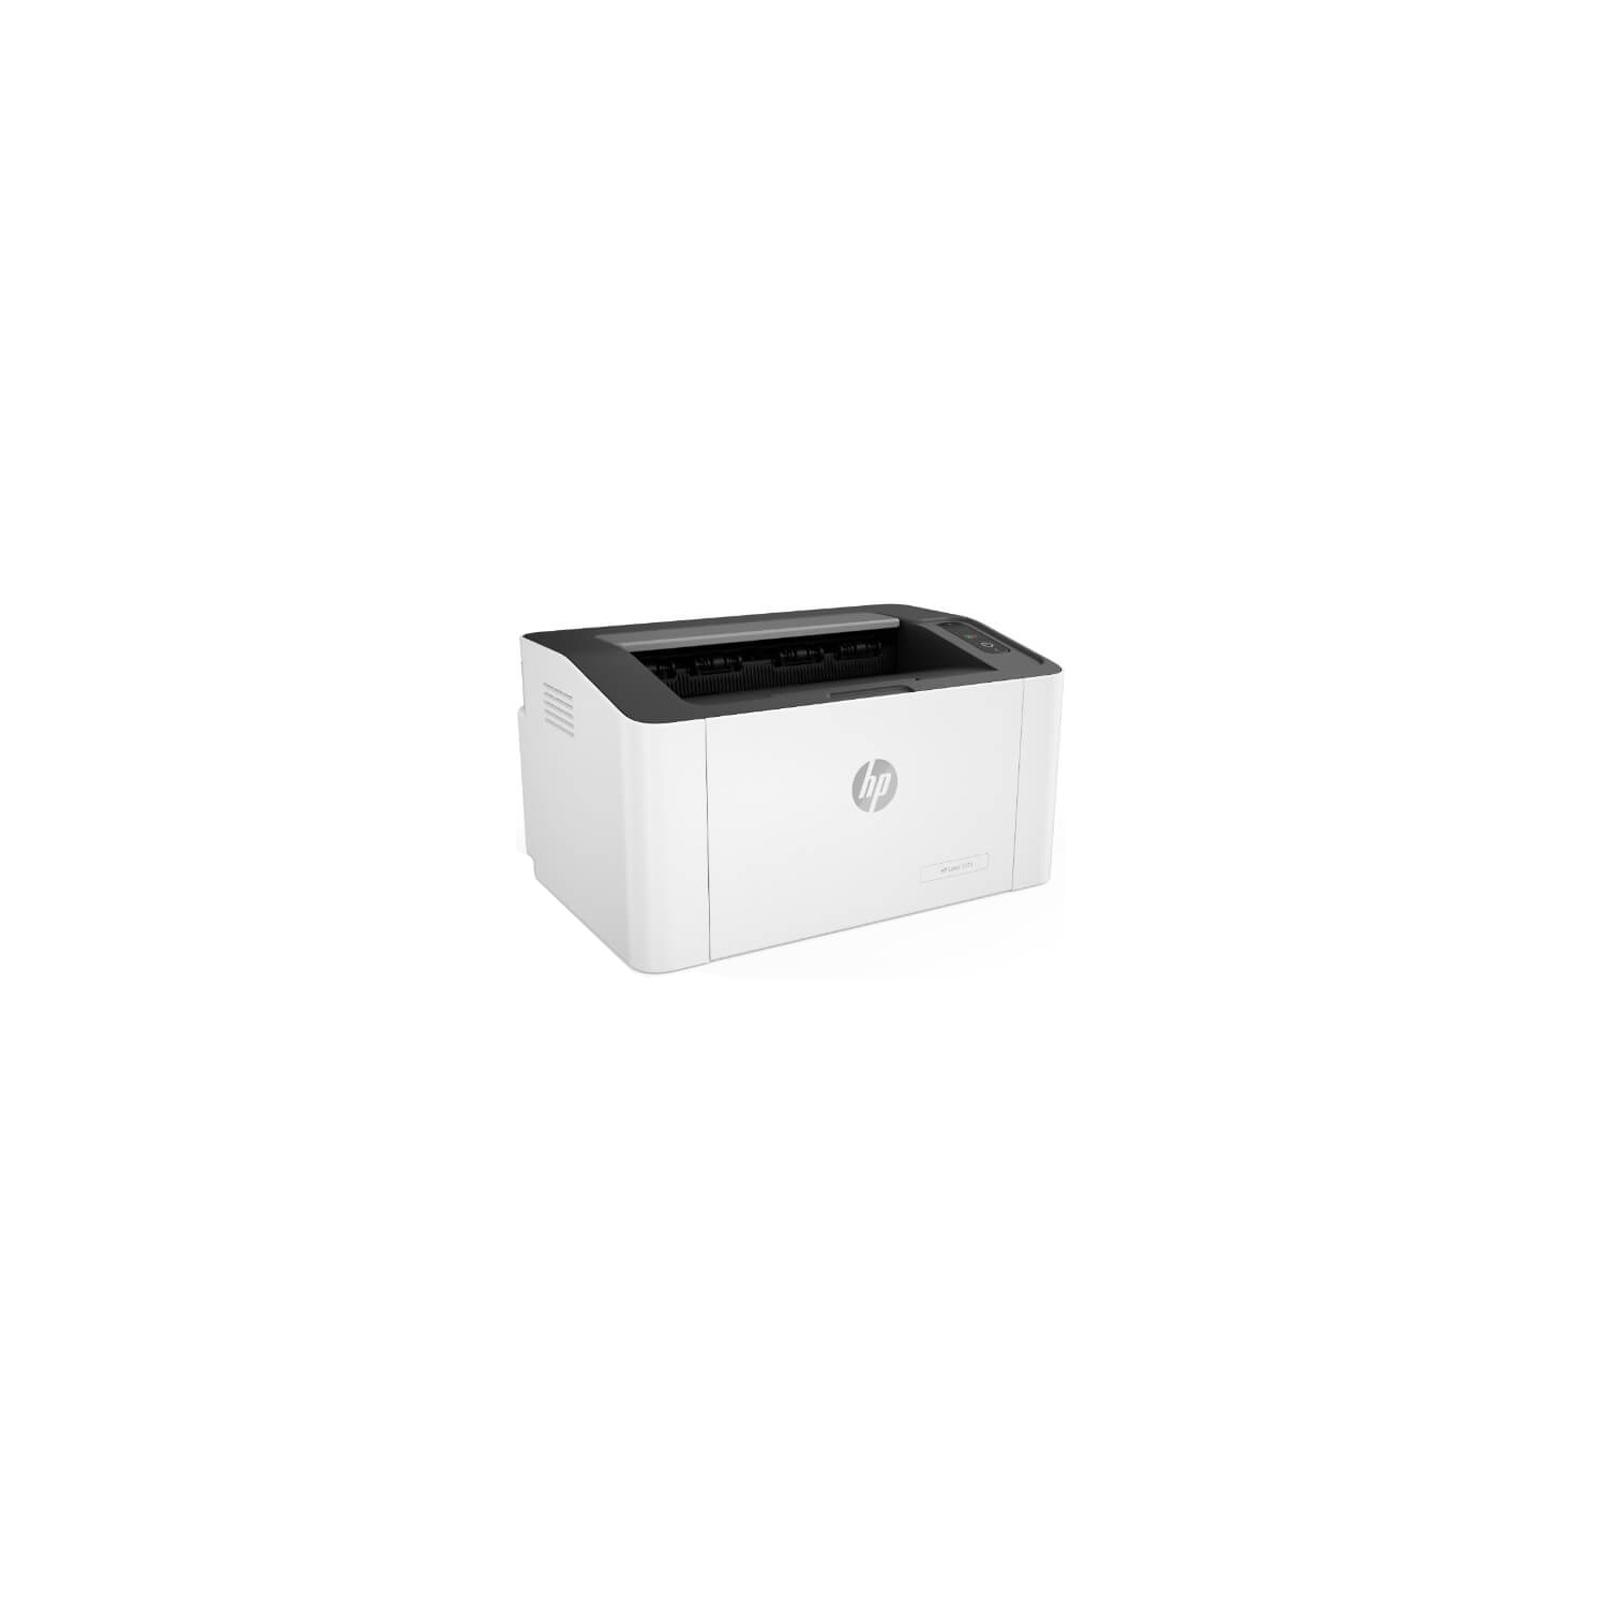 Лазерный принтер HP LaserJet 107a (4ZB77A) изображение 3